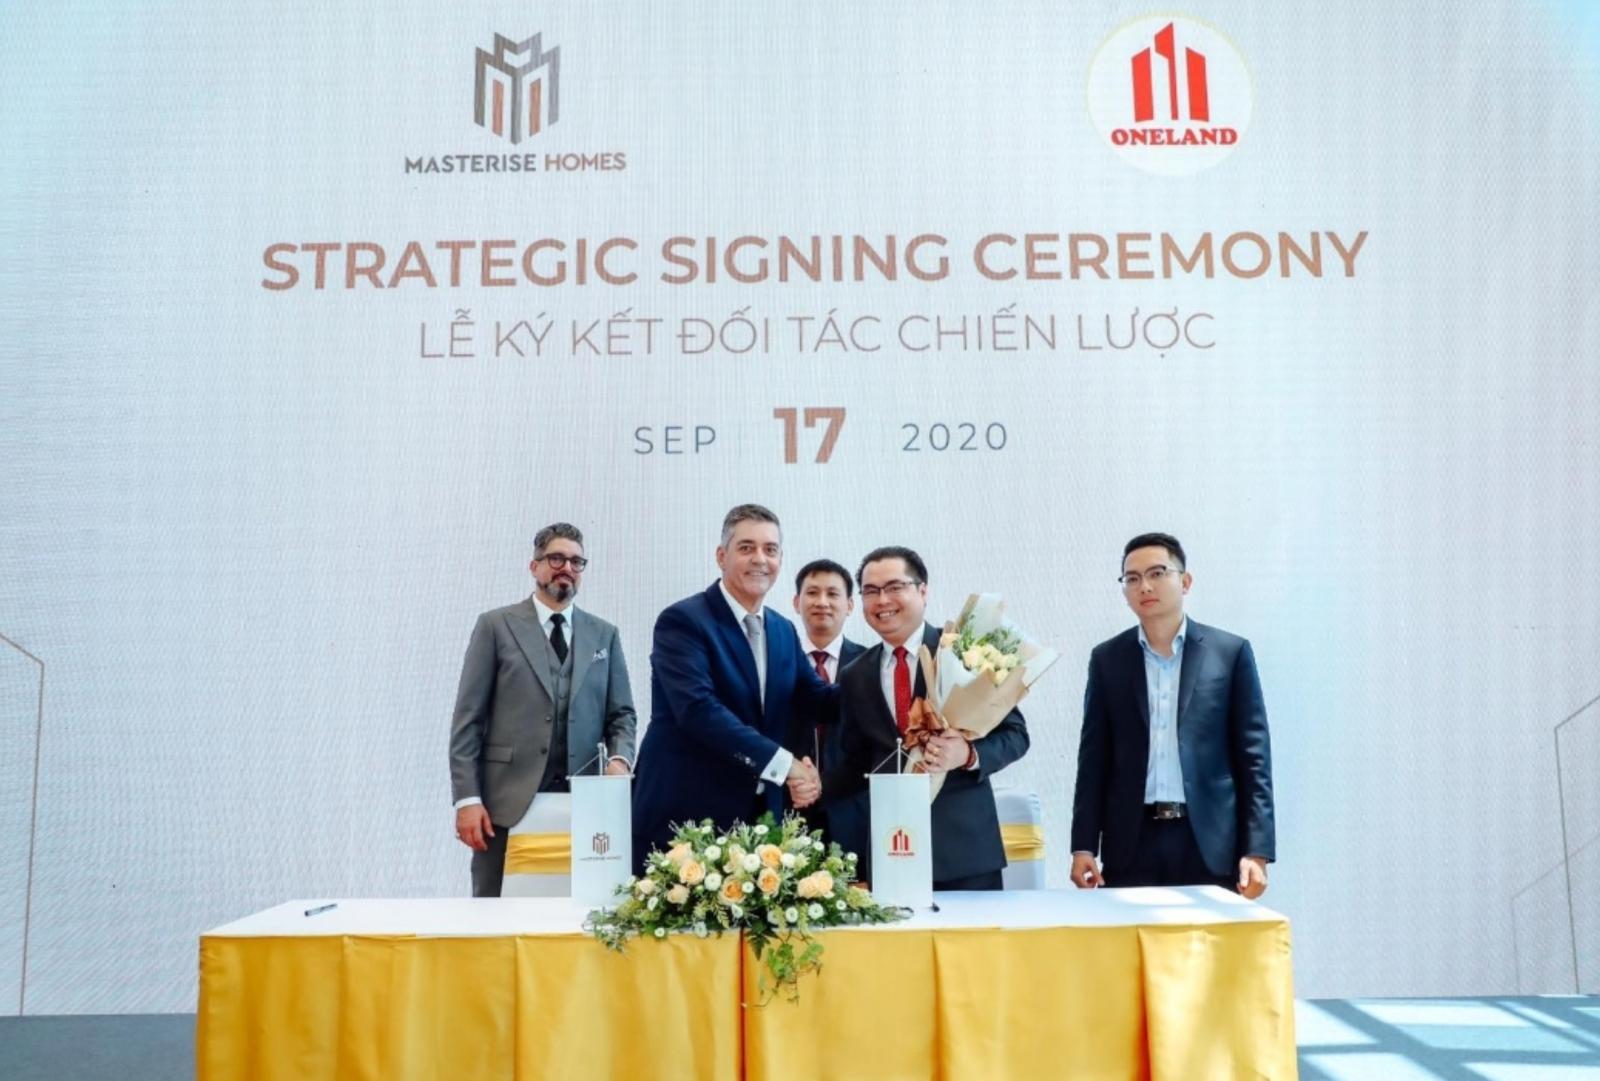 Lễ ký hợp tác đối tác chiến lược với nhà phát triển bất động sản Masterise Homes